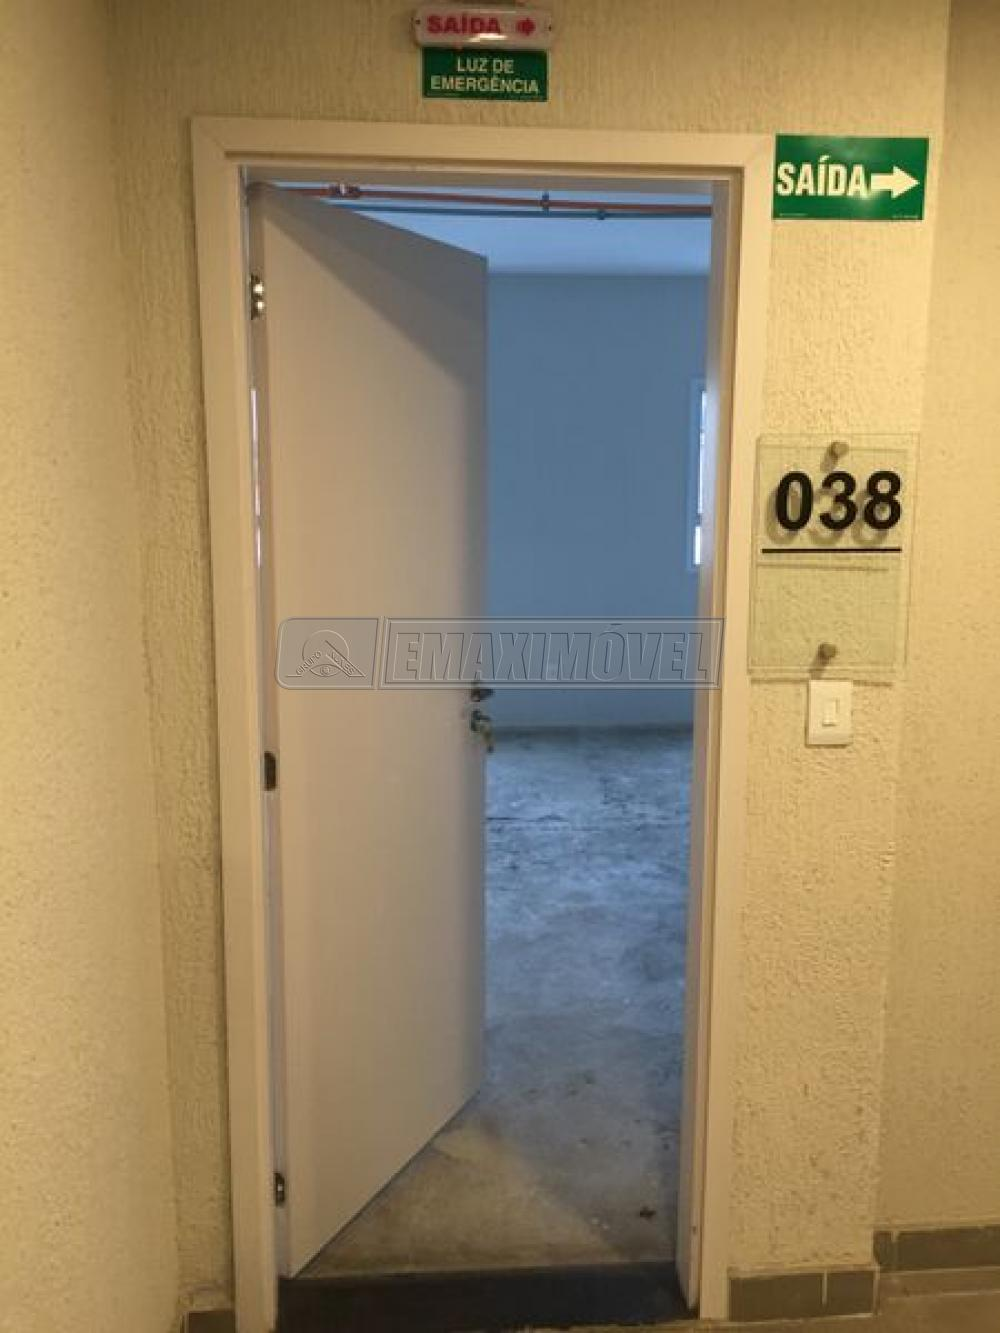 Alugar Sala Comercial / em Condomínio em Sorocaba R$ 2.600,00 - Foto 12